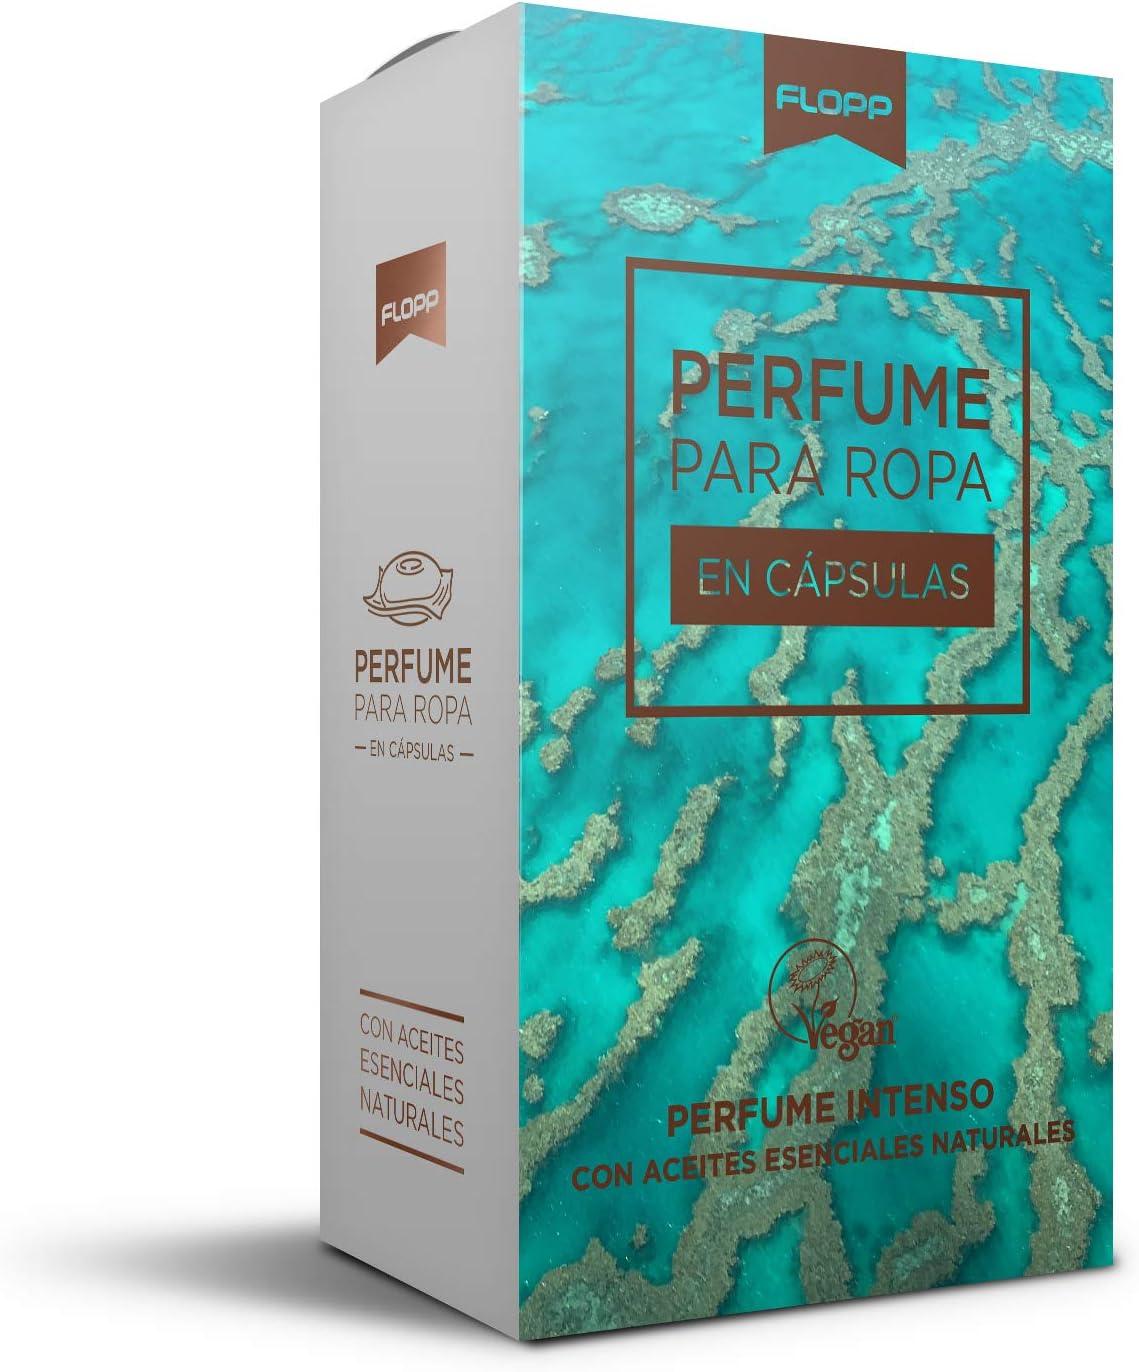 Flopp Perfume para la Ropa con Aceites Esenciales Naturales en Cápsulas. Flopp Eco: Limpia sin Ensuciar el Planeta.